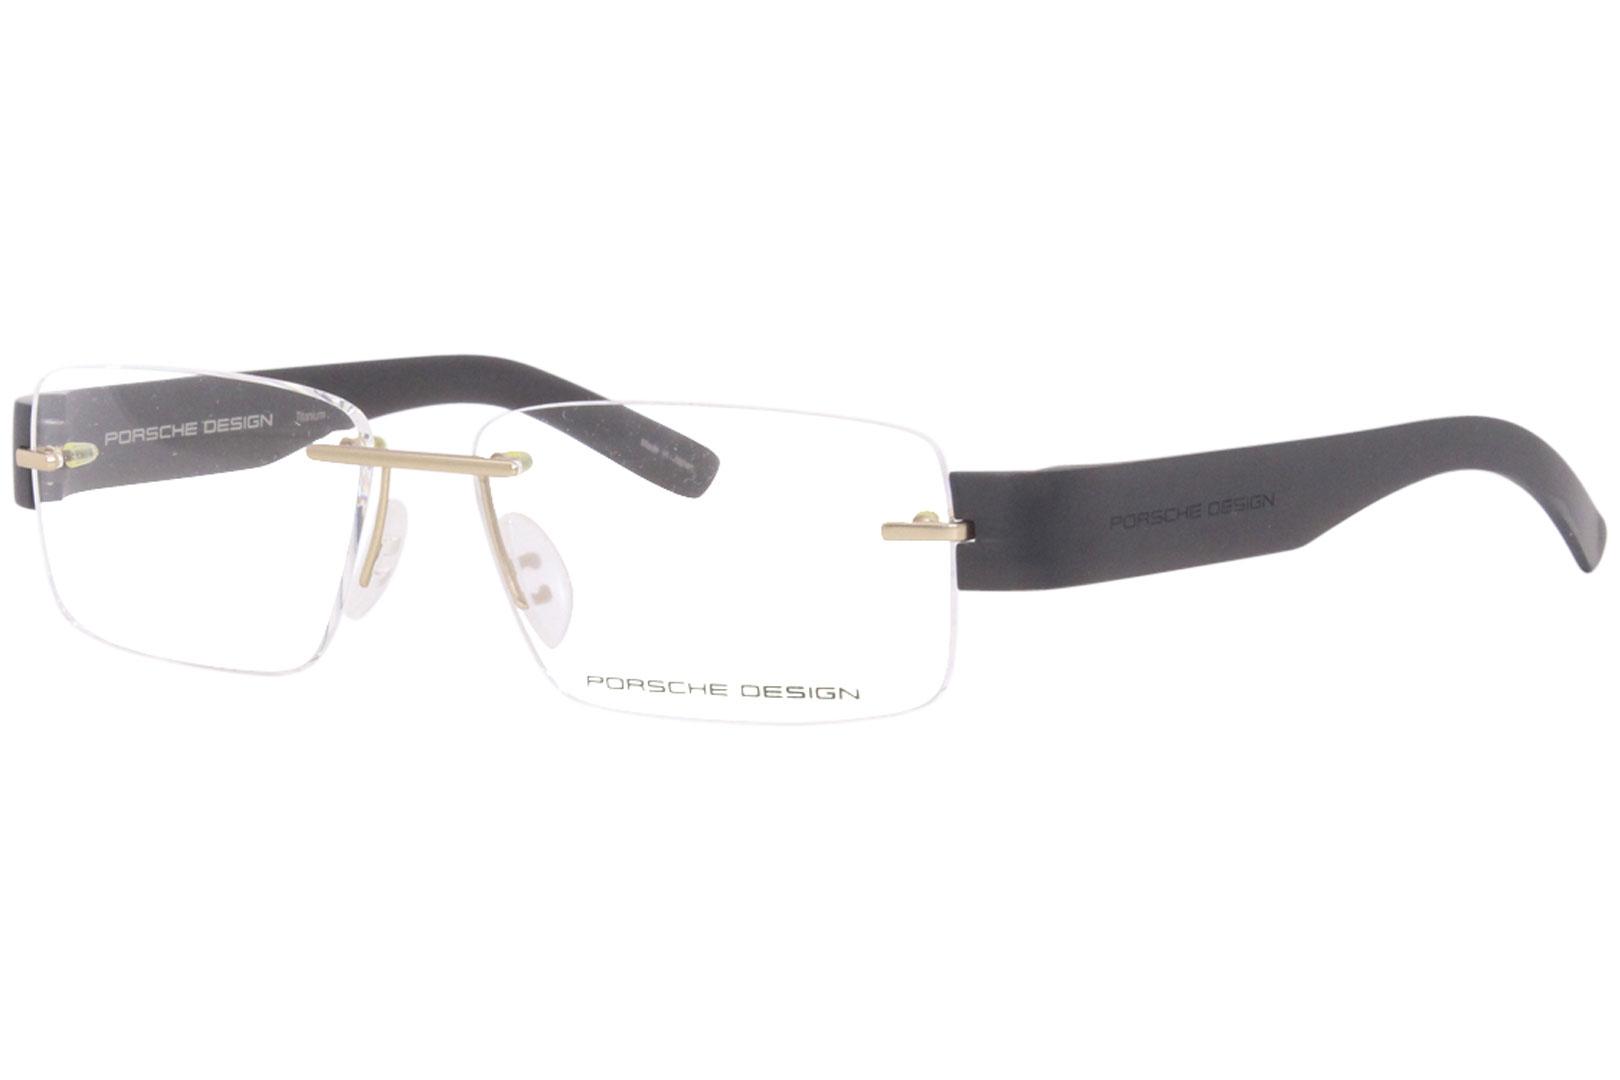 1f7487f3e7 Porsche Design Eyeglasses P8206 P 8206 A Gold Grey Titanium Optical ...